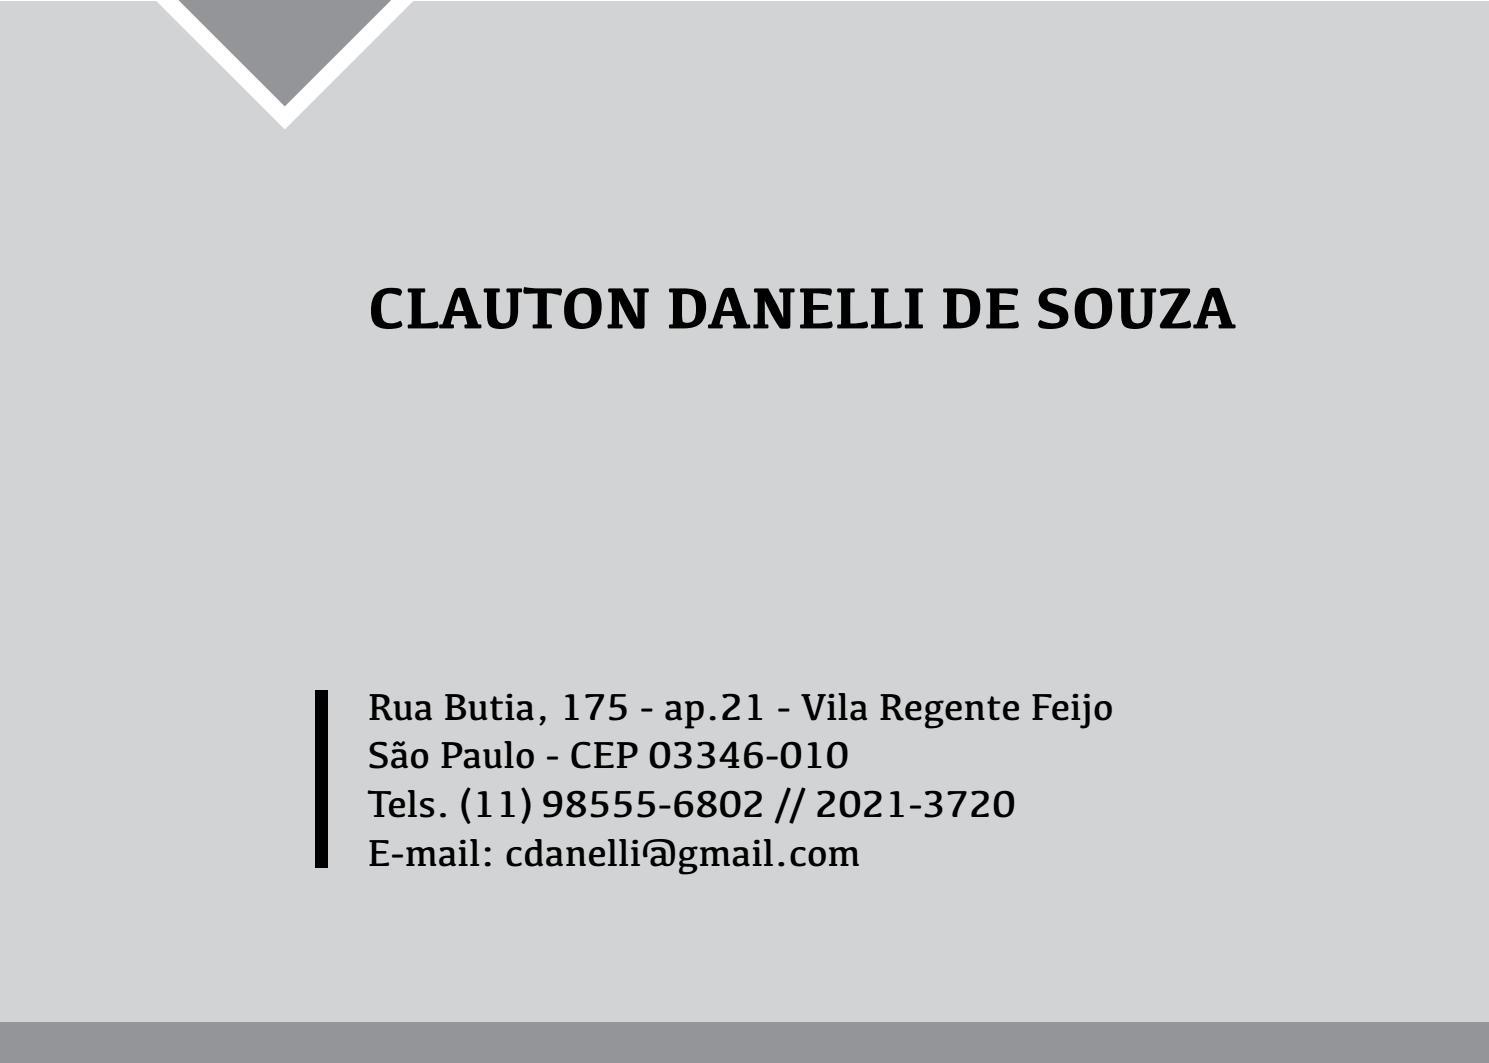 fd83482d23 Portifolio by Clauton Danelli de Souza - issuu